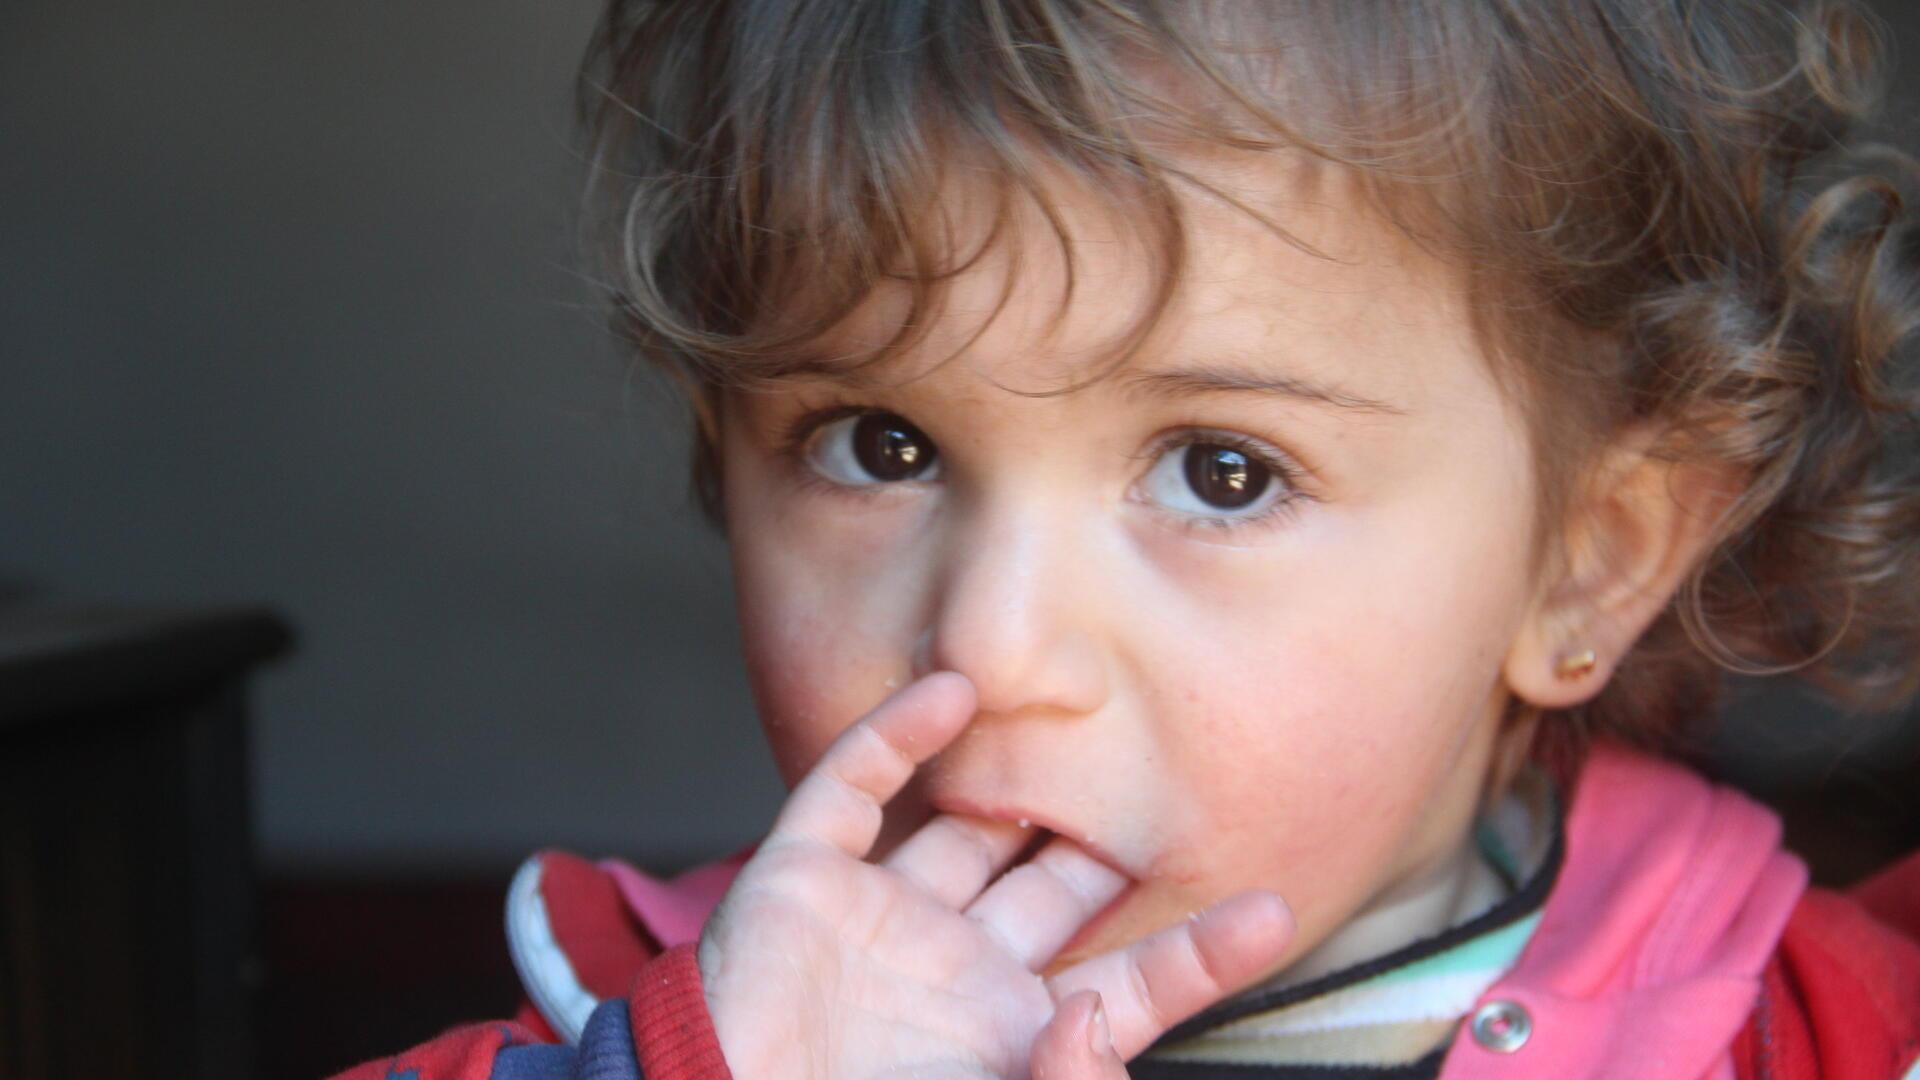 A Syrian girl in Dana, Idlib